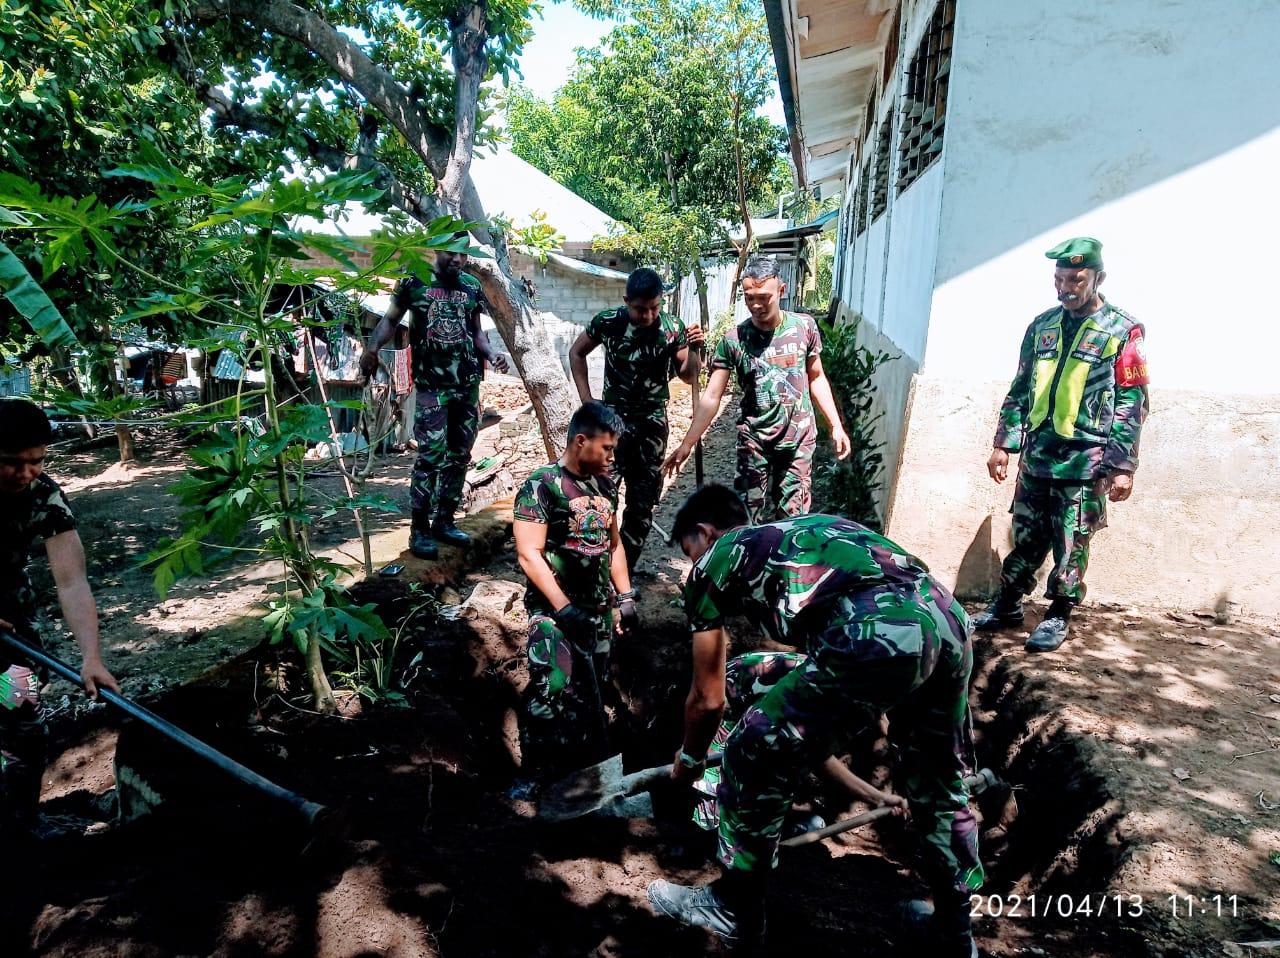 Anggota Kodim 1624/Flotim Dan Anggota Bataliyon 743/PSY Bangun MCK Di Posko Pengunsian Desa Nelelamadike.